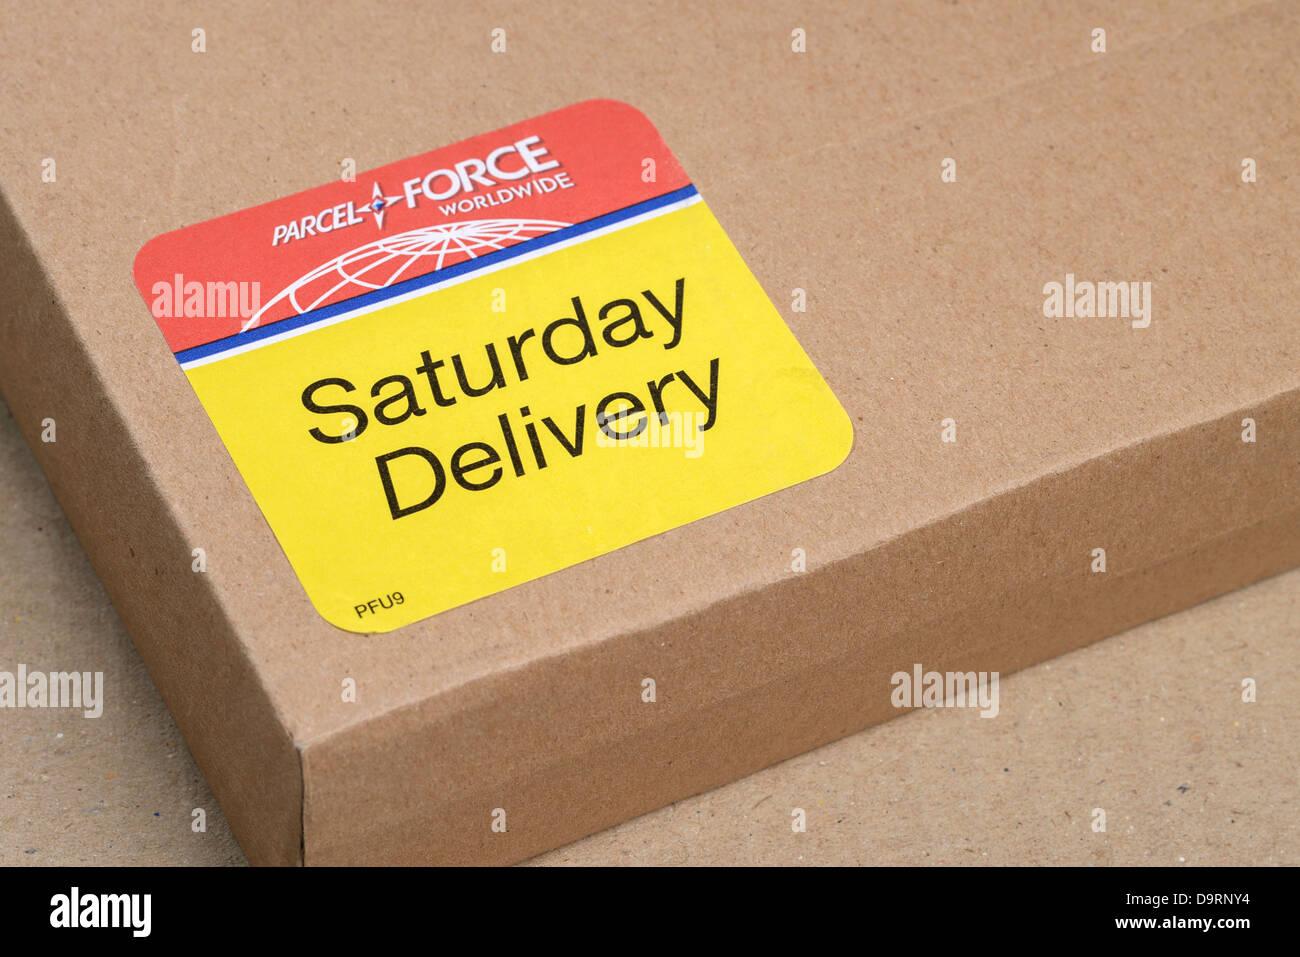 La Force d'expédition Livraison le samedi étiquette autocollant Photo Stock